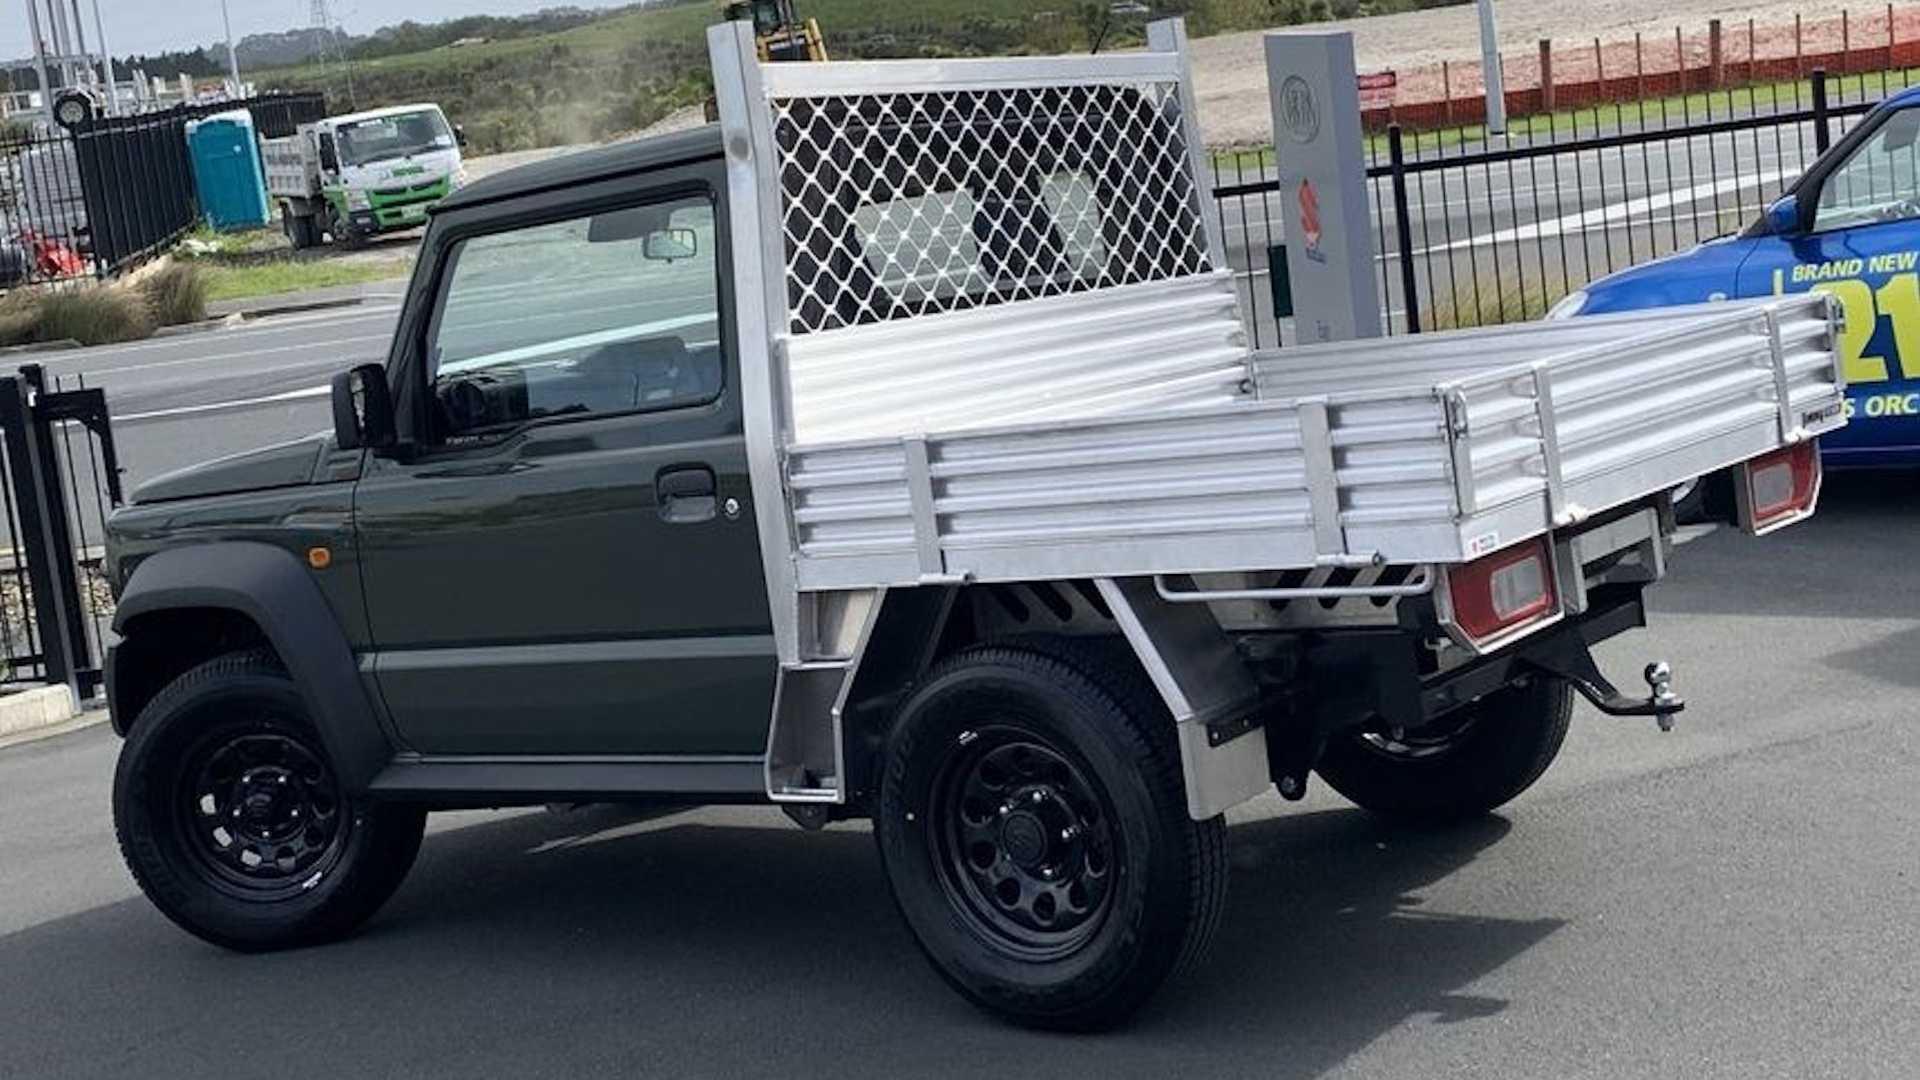 Цена на такой мини-внедорожник в кузове пикап начинается от 23 000 долларов